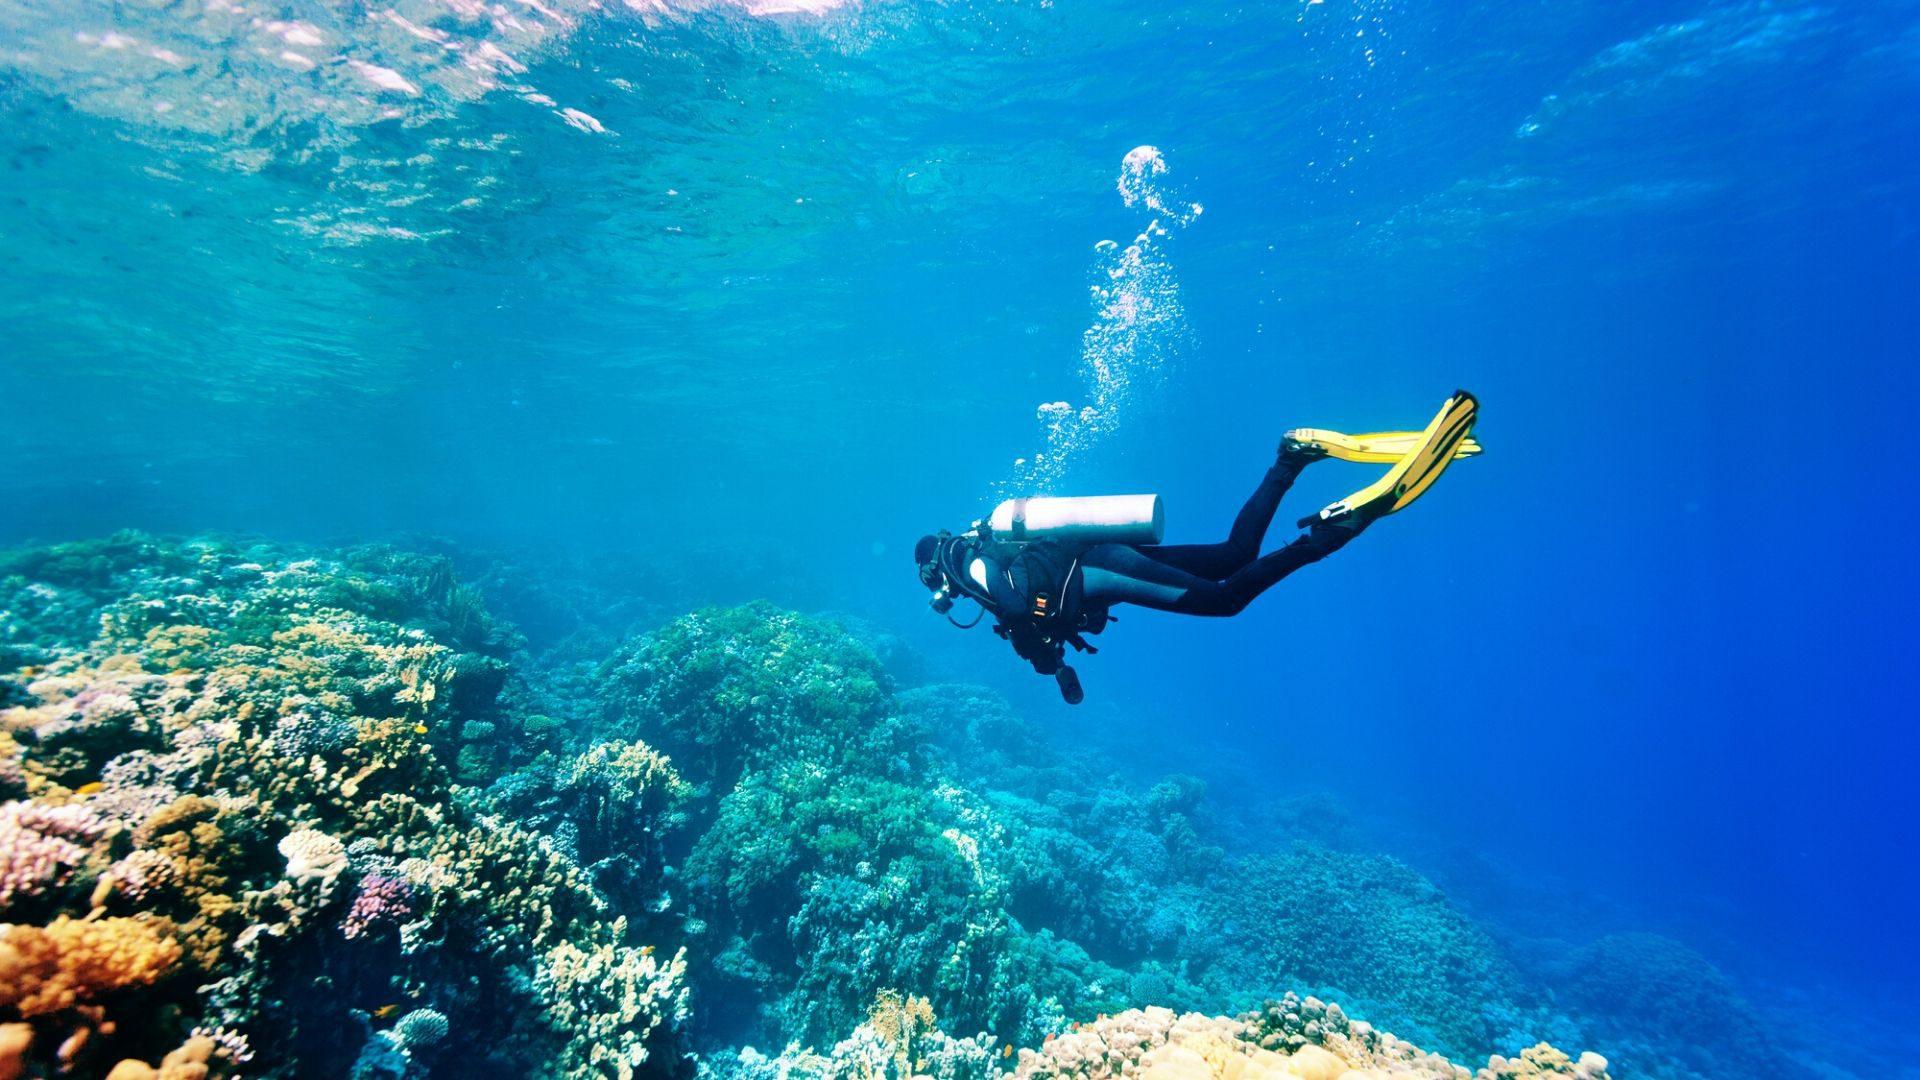 Kelionėje į Keniją leiskitės į nardymo nuotykį šiltame Indijos vandenyne